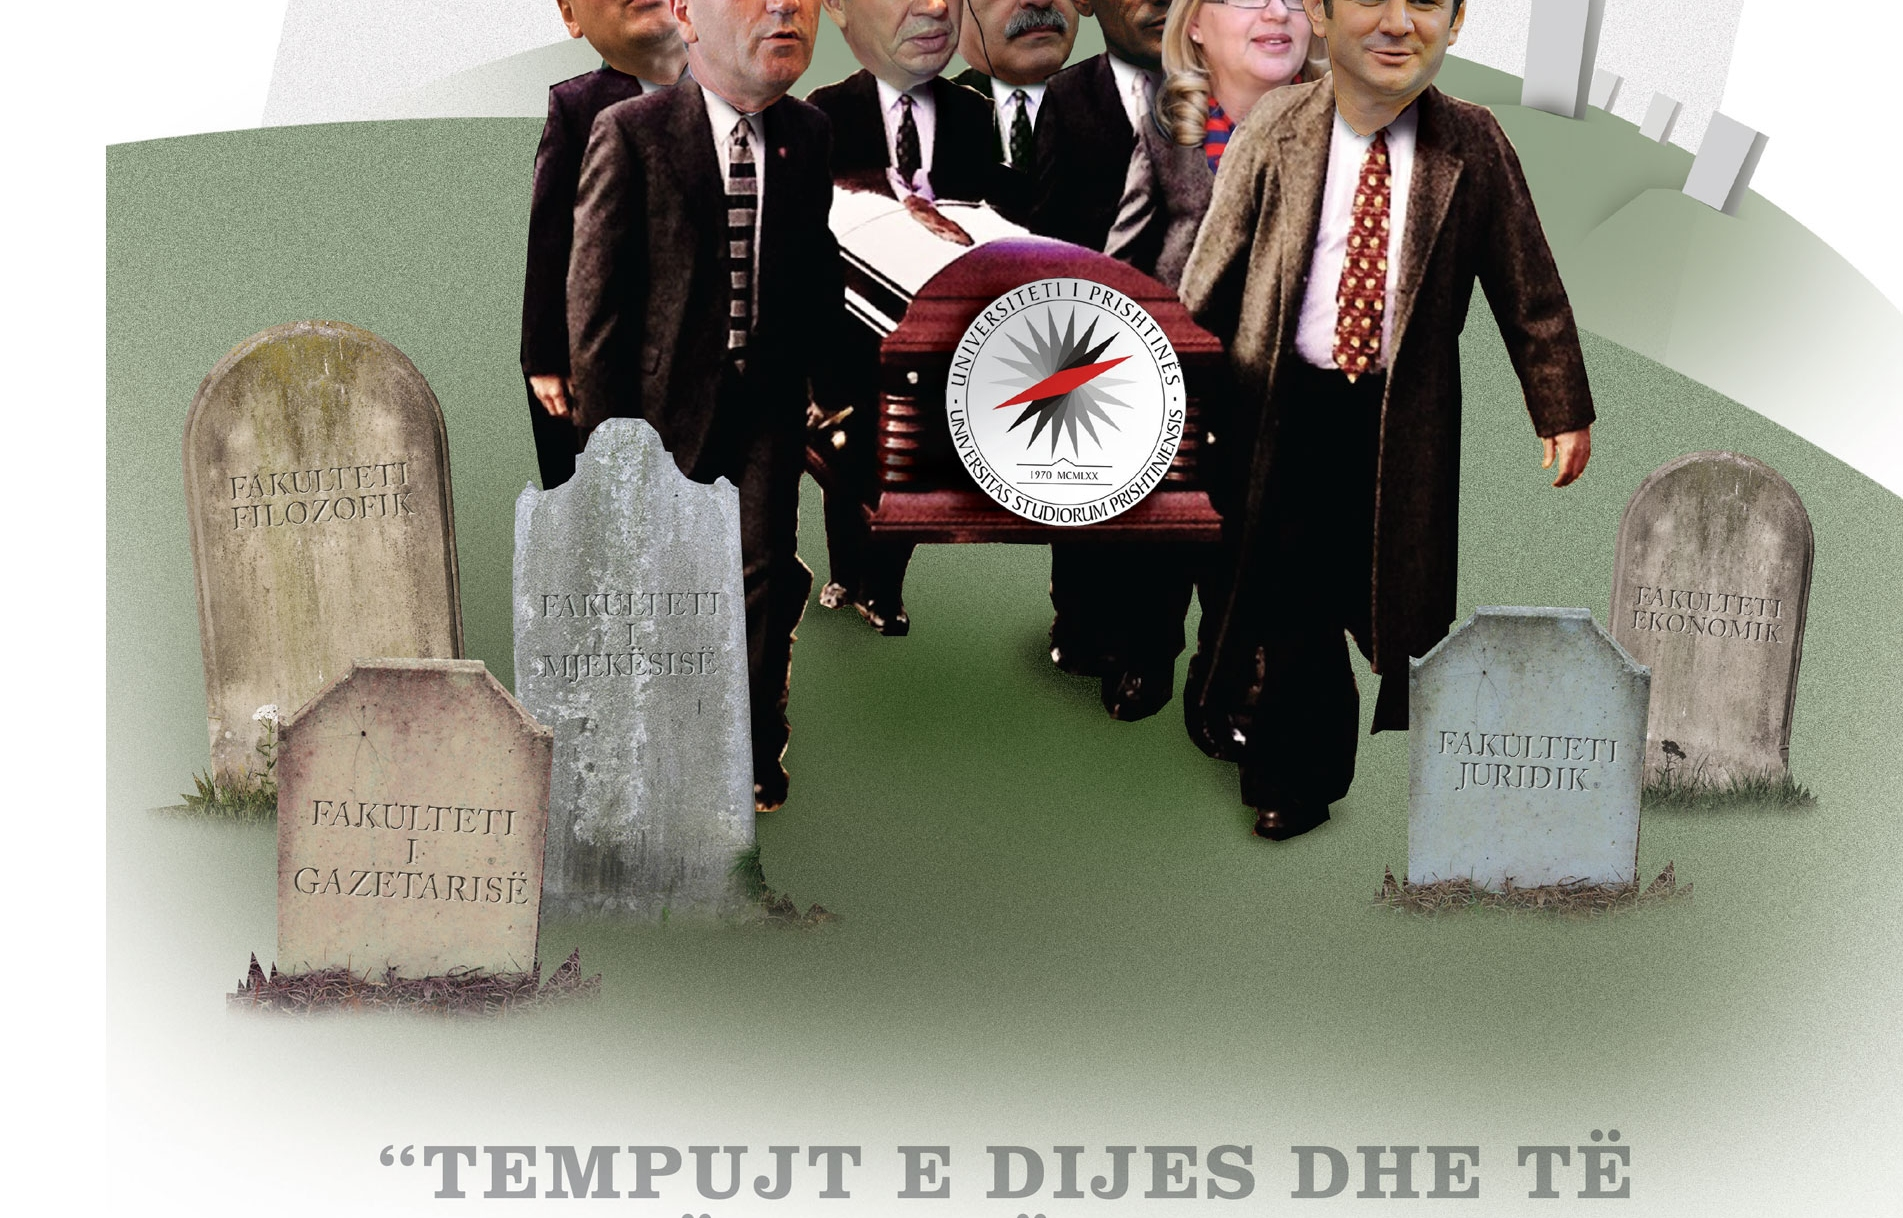 qeveria shqipetare ne tregjet nderkombetare